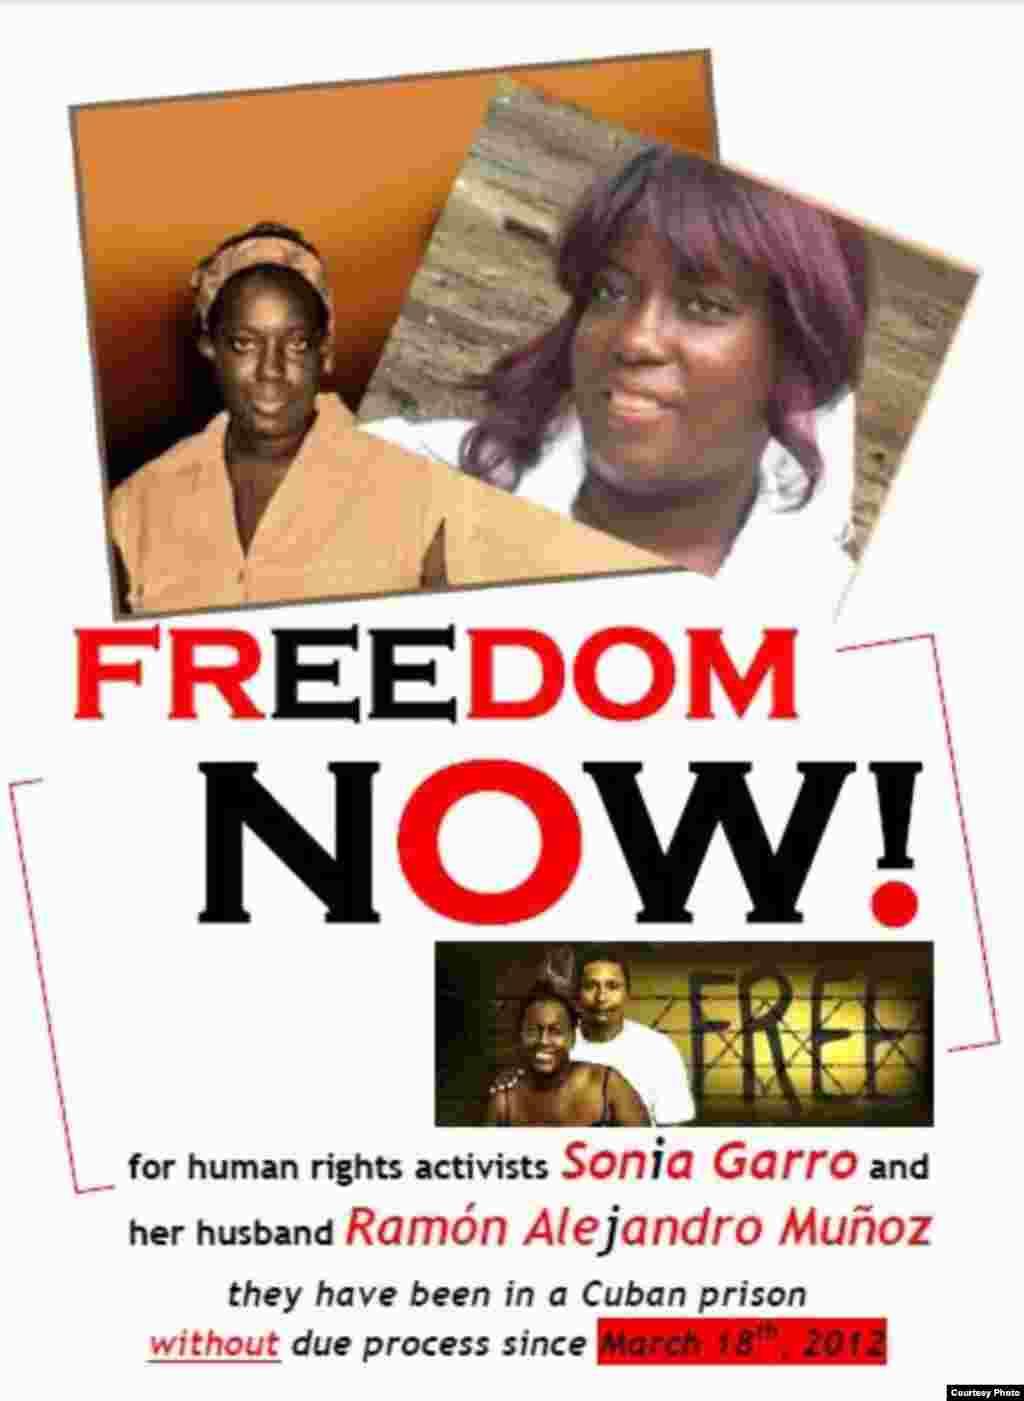 Pormoci'on de la Causa por la libertad de Sonia Garro, su esposo Alejandor Muñoz y el activista opositor Eugenio Hernández